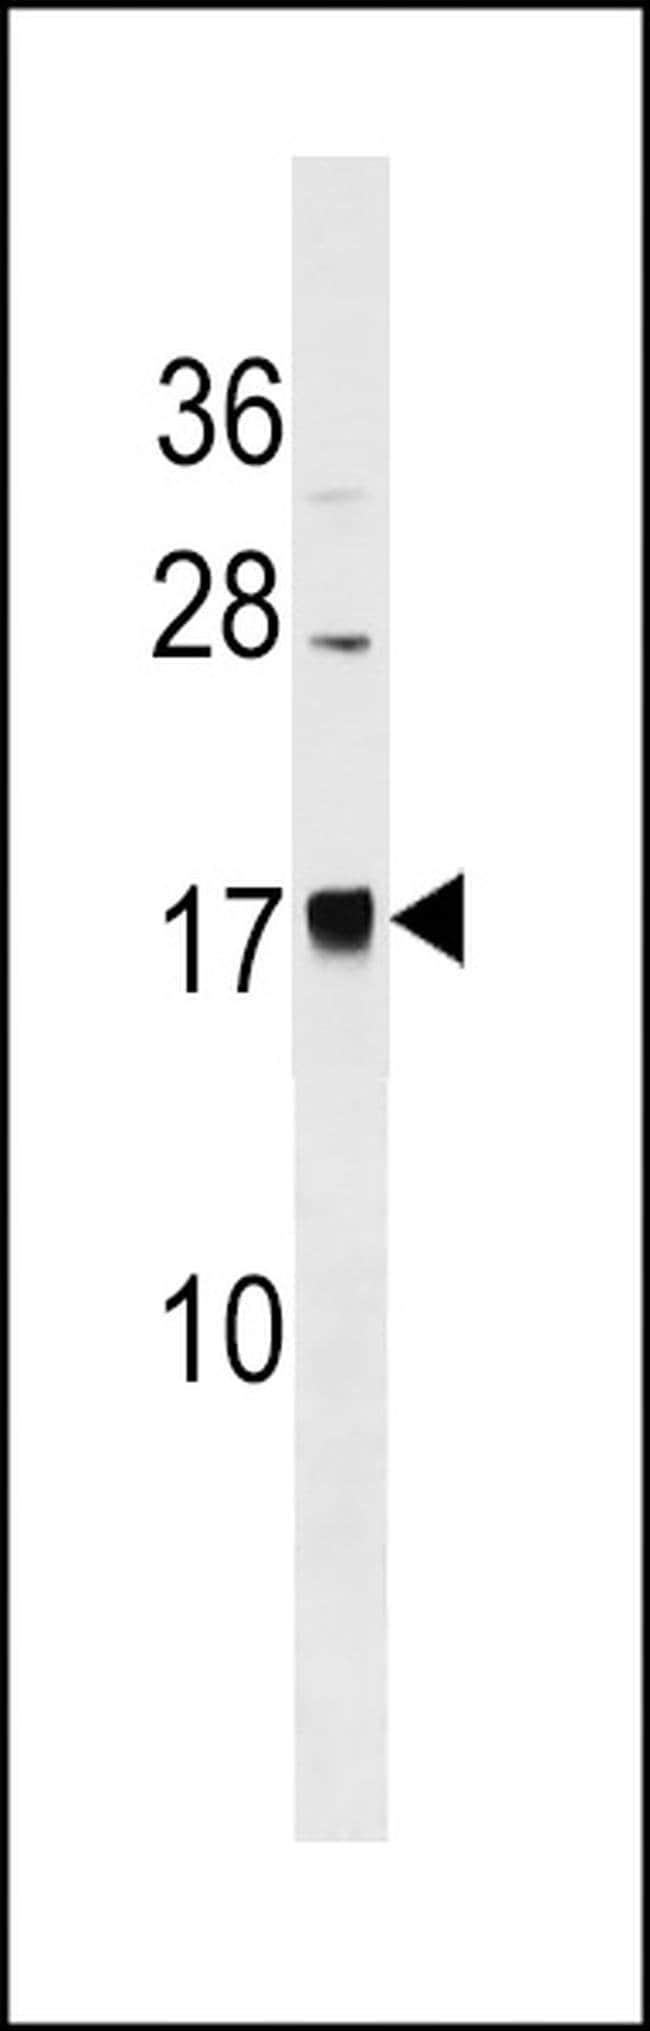 BLACE Rabbit anti-Human, Polyclonal, Invitrogen 400 µL; Unconjugated